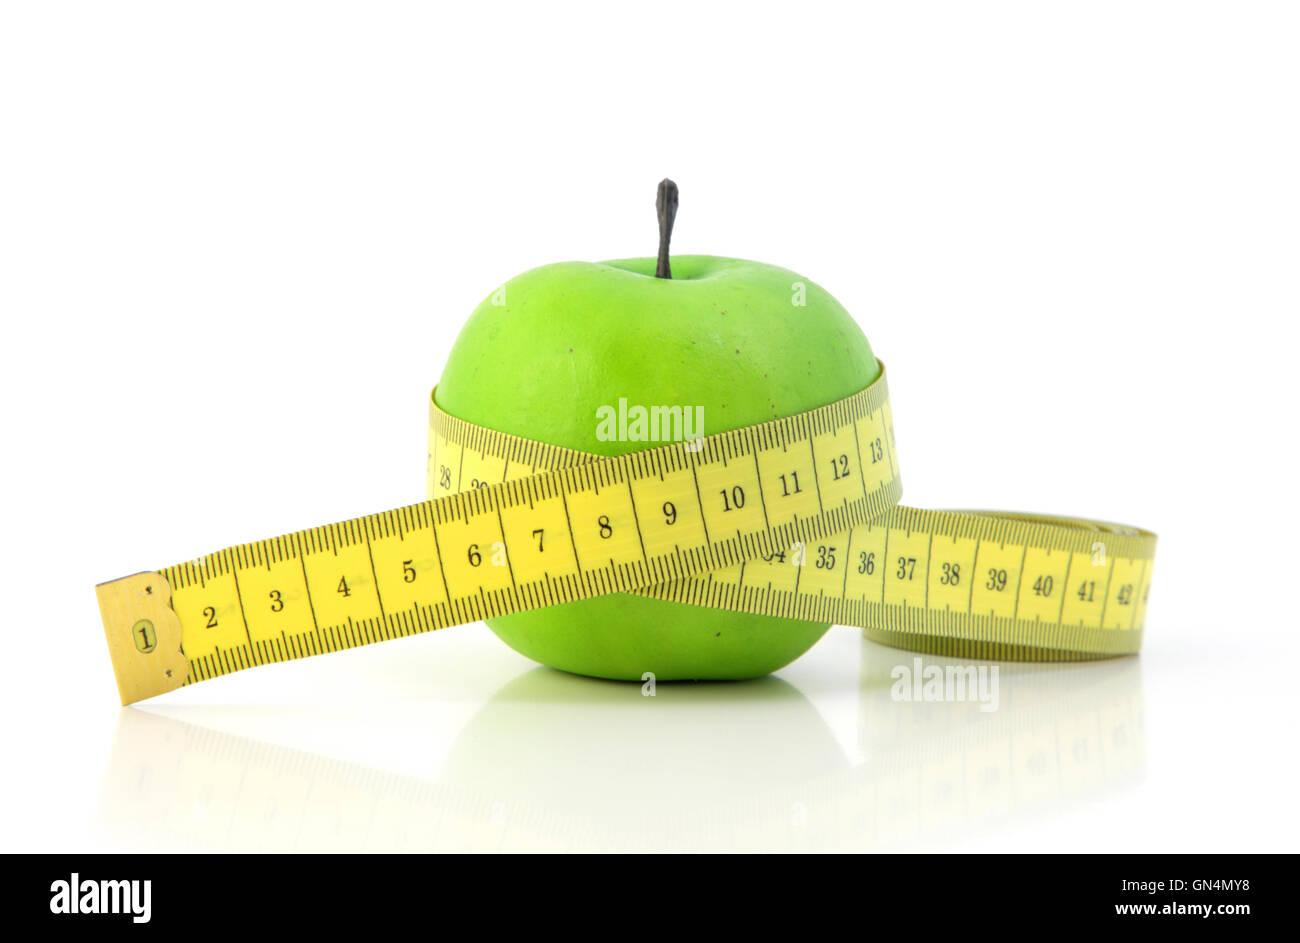 Nutritional regimen - Stock Image